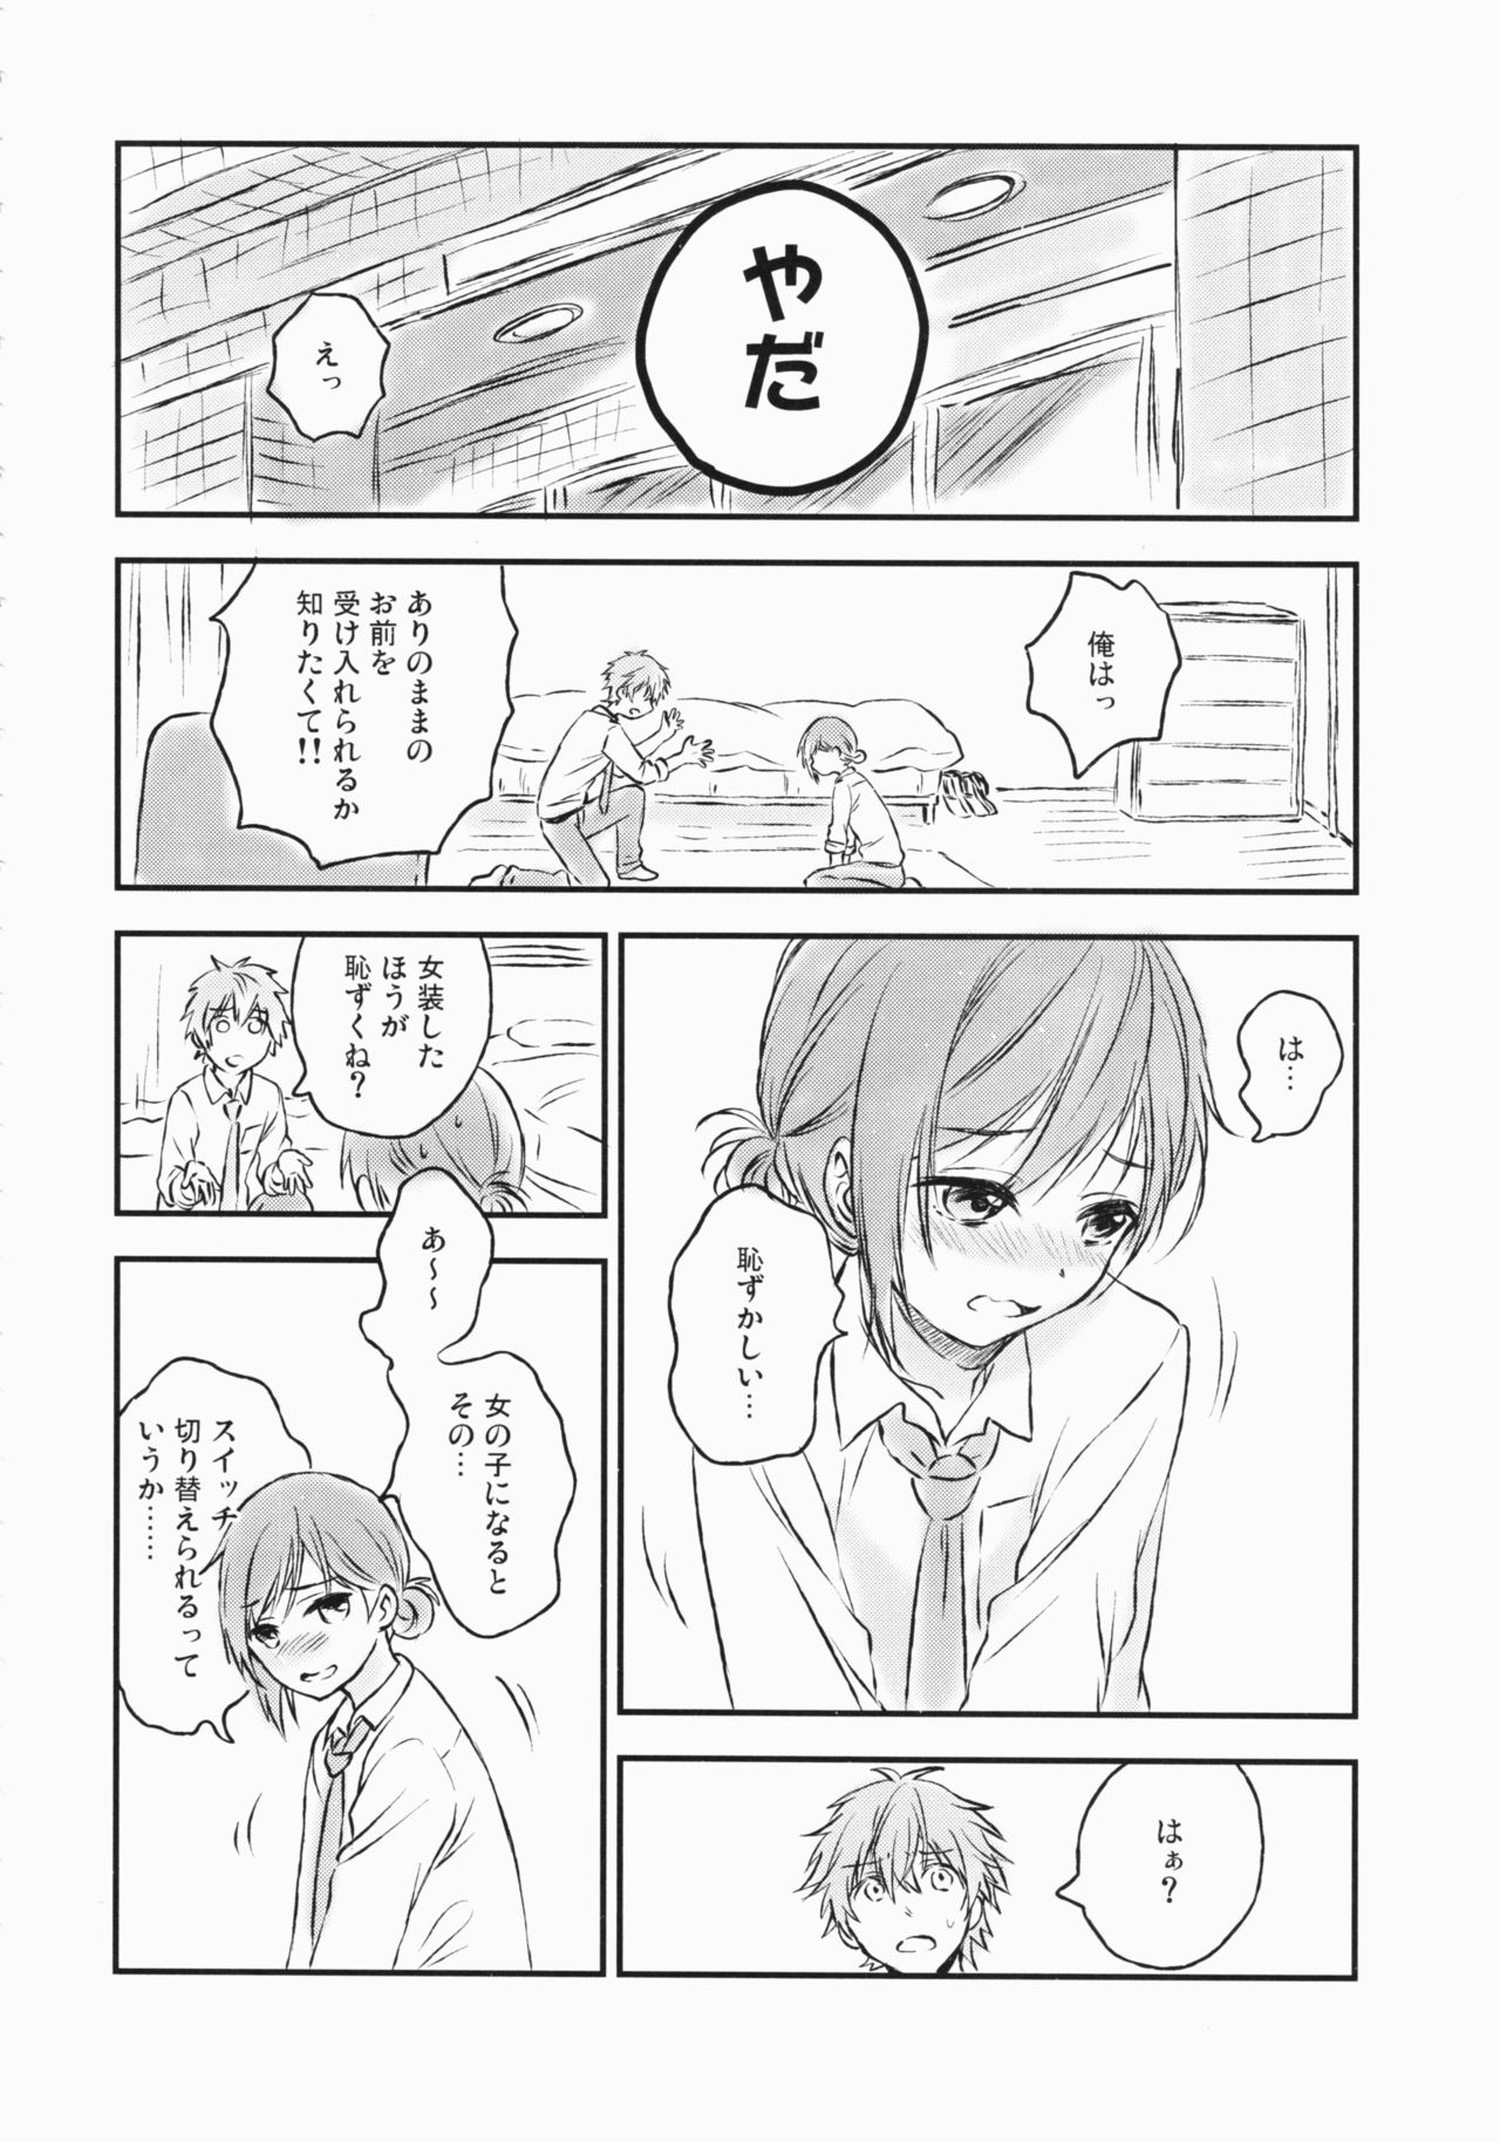 ポニーテールの女装男子とイチャラブセックスwww【エロ漫画・エロ同人】 (9)